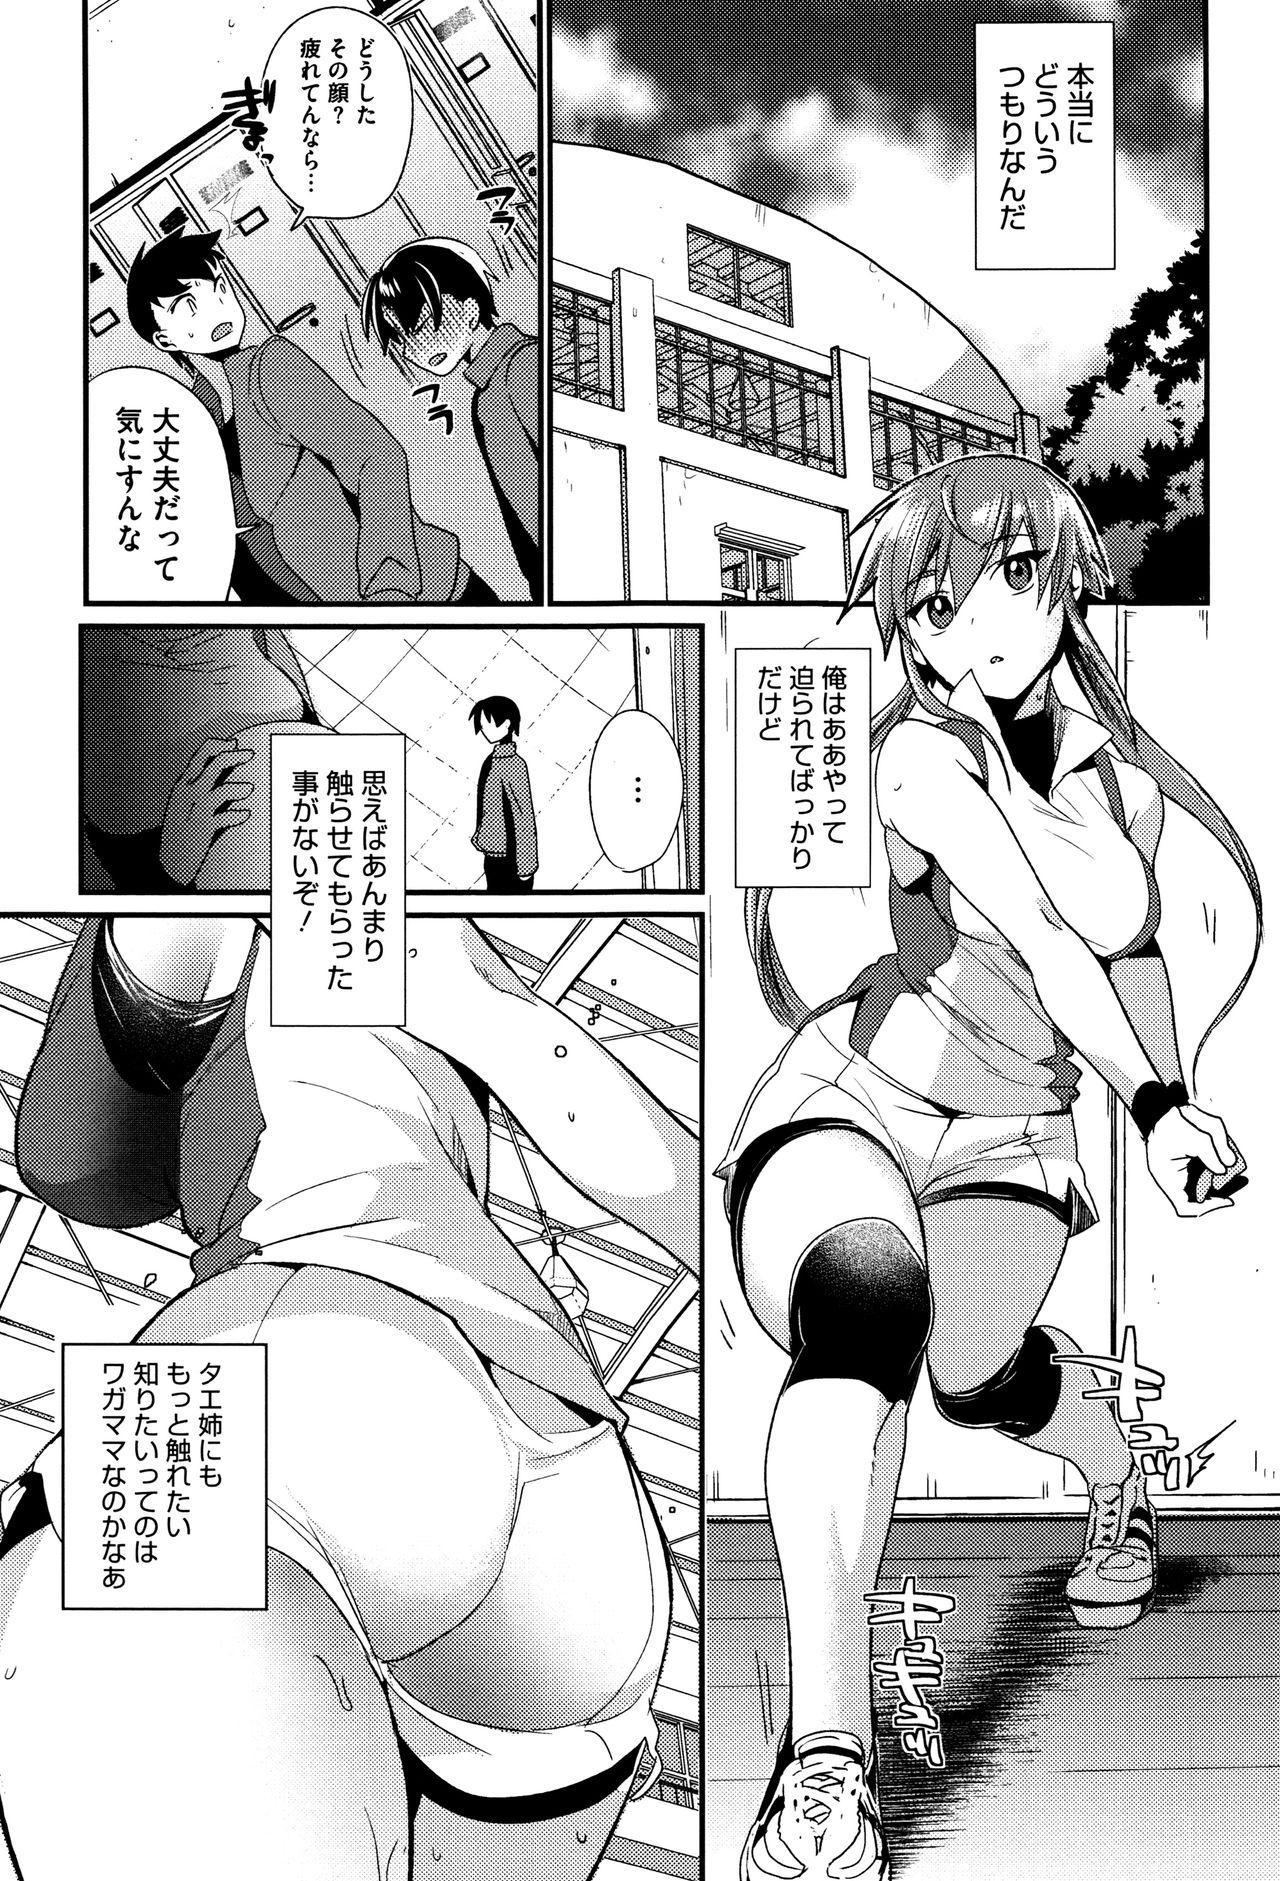 Tsuya, Himegoto 37